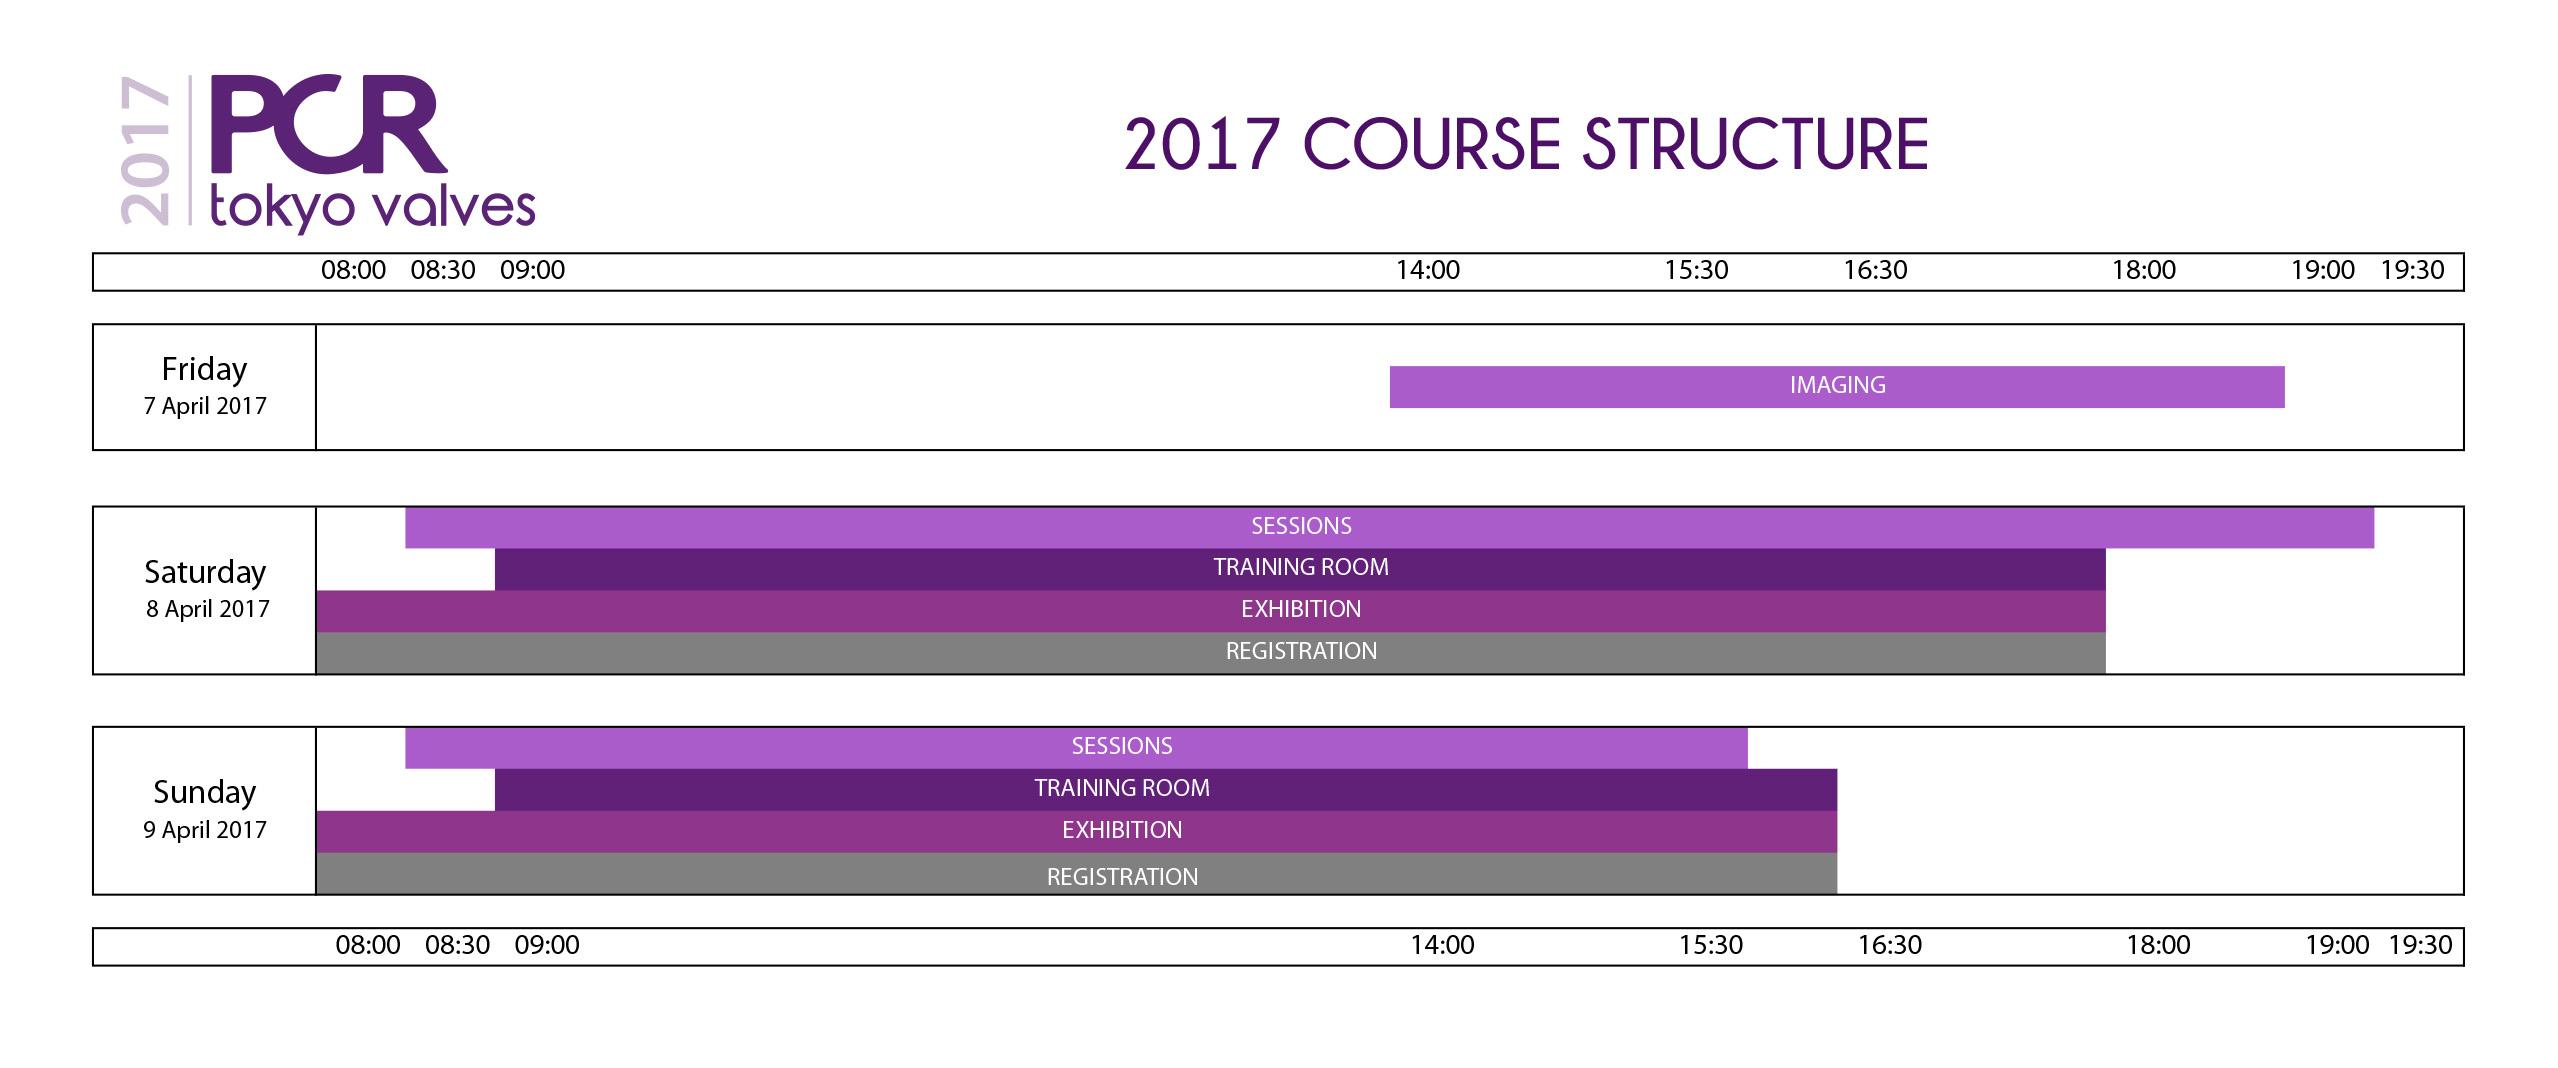 PCR Tokyo Valves 2017 - Course Structure